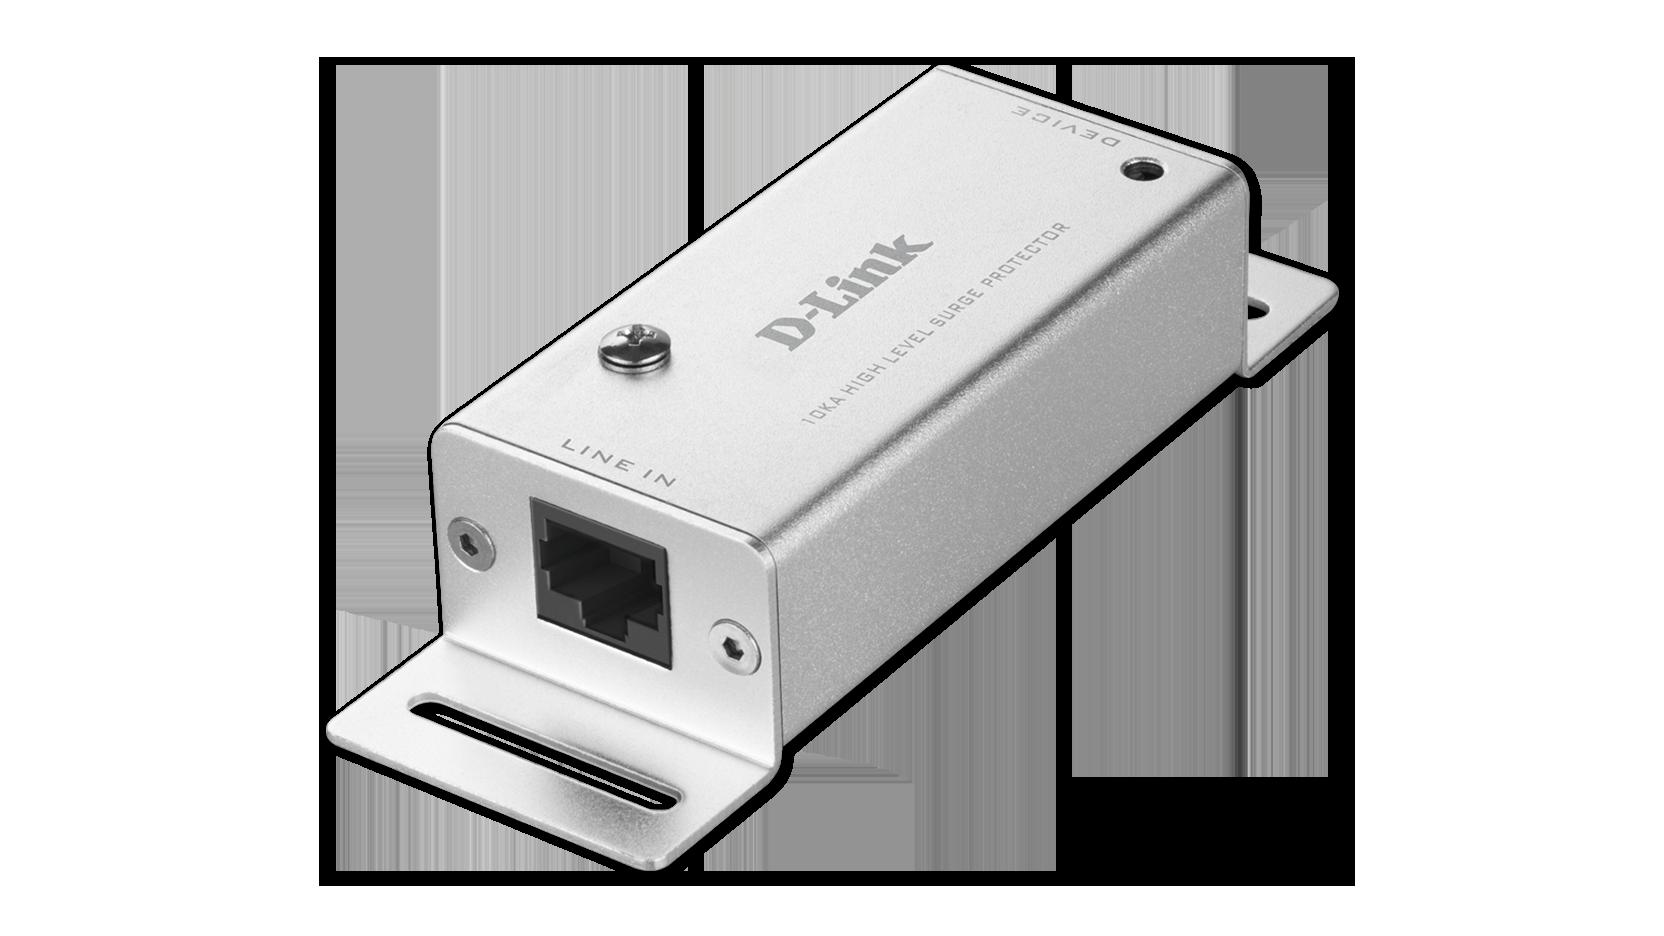 Gigabit Ethernet POE+ RJ45 Indoor 10kA Surge Protector | D-Link